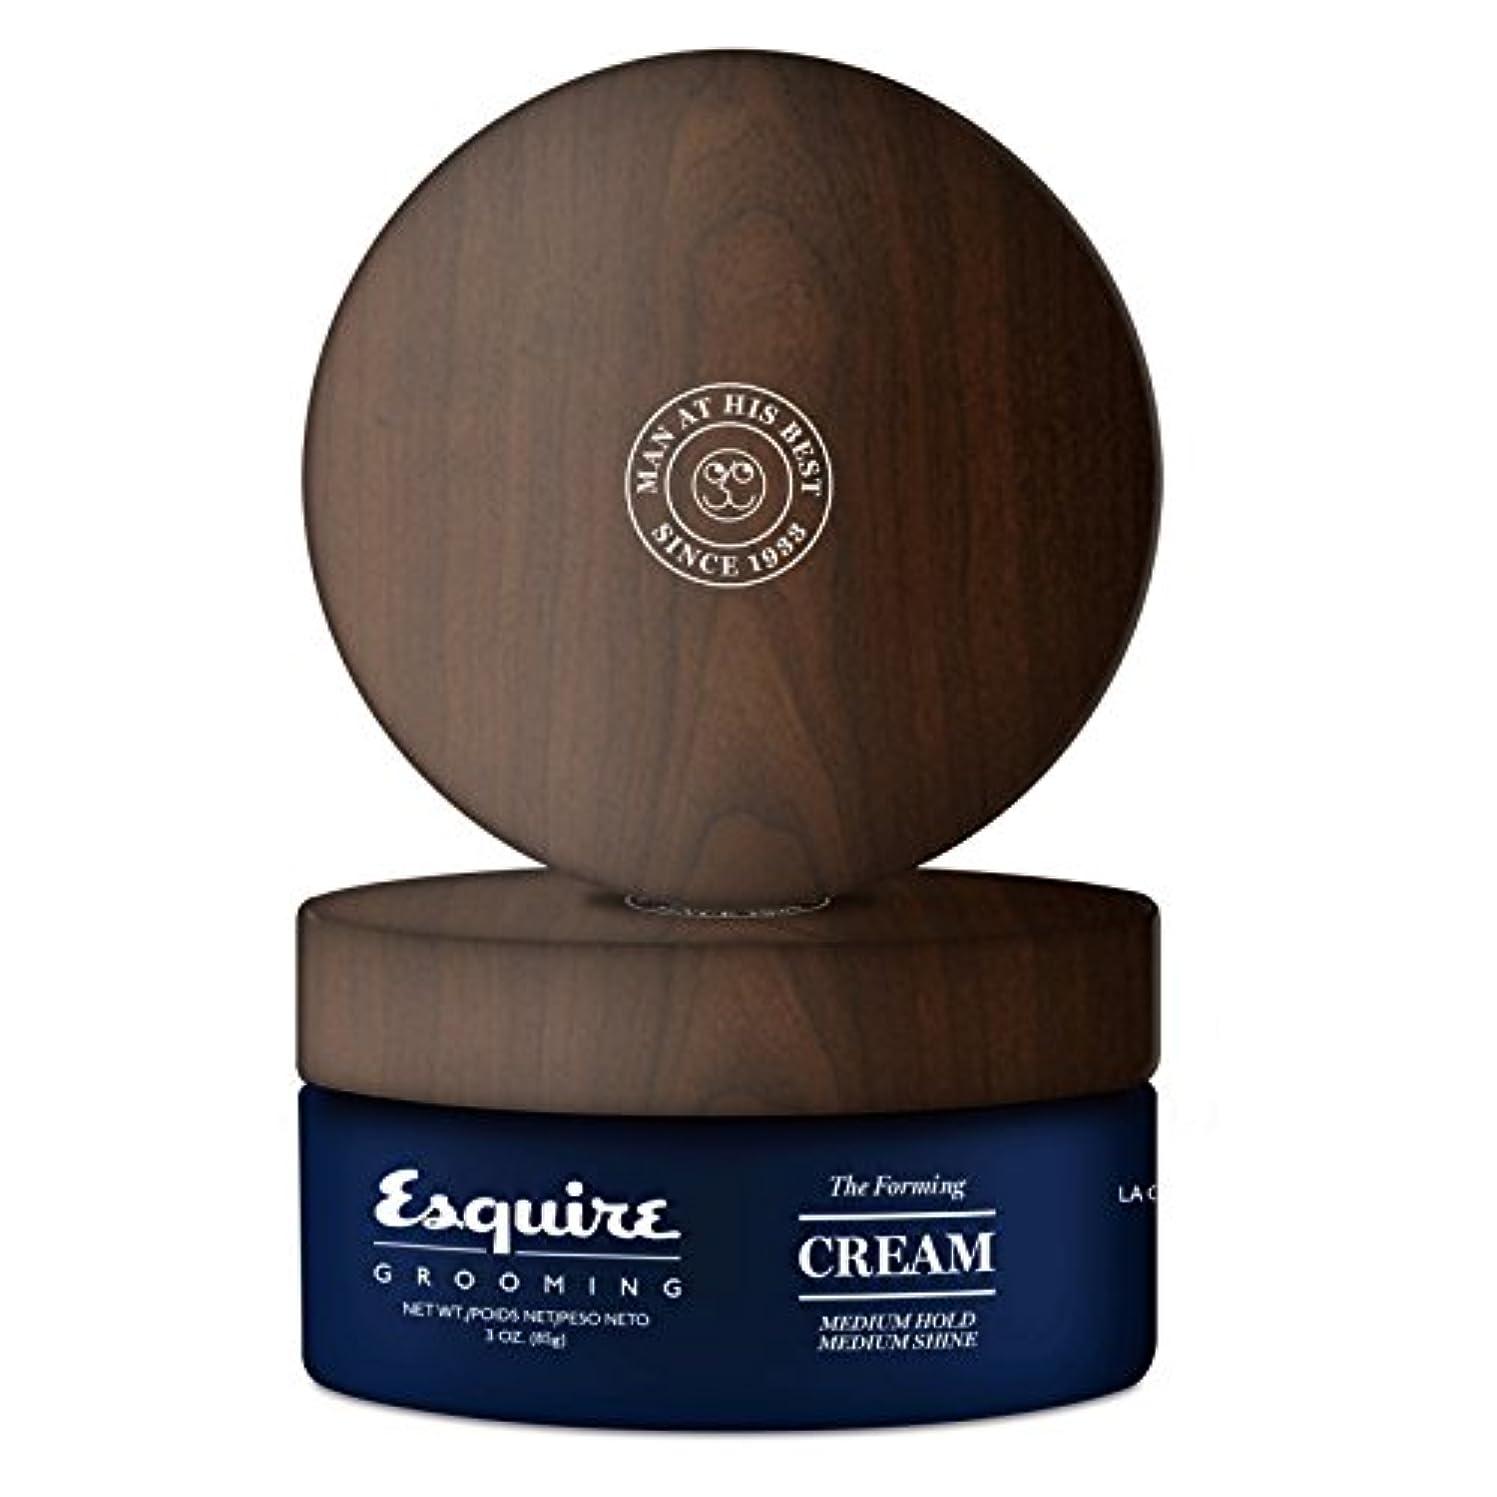 マラウイ鳴らす犯罪CHI Esquire Grooming The Forming Cream (Medium Hold, Medium Shine) 85g/3oz並行輸入品